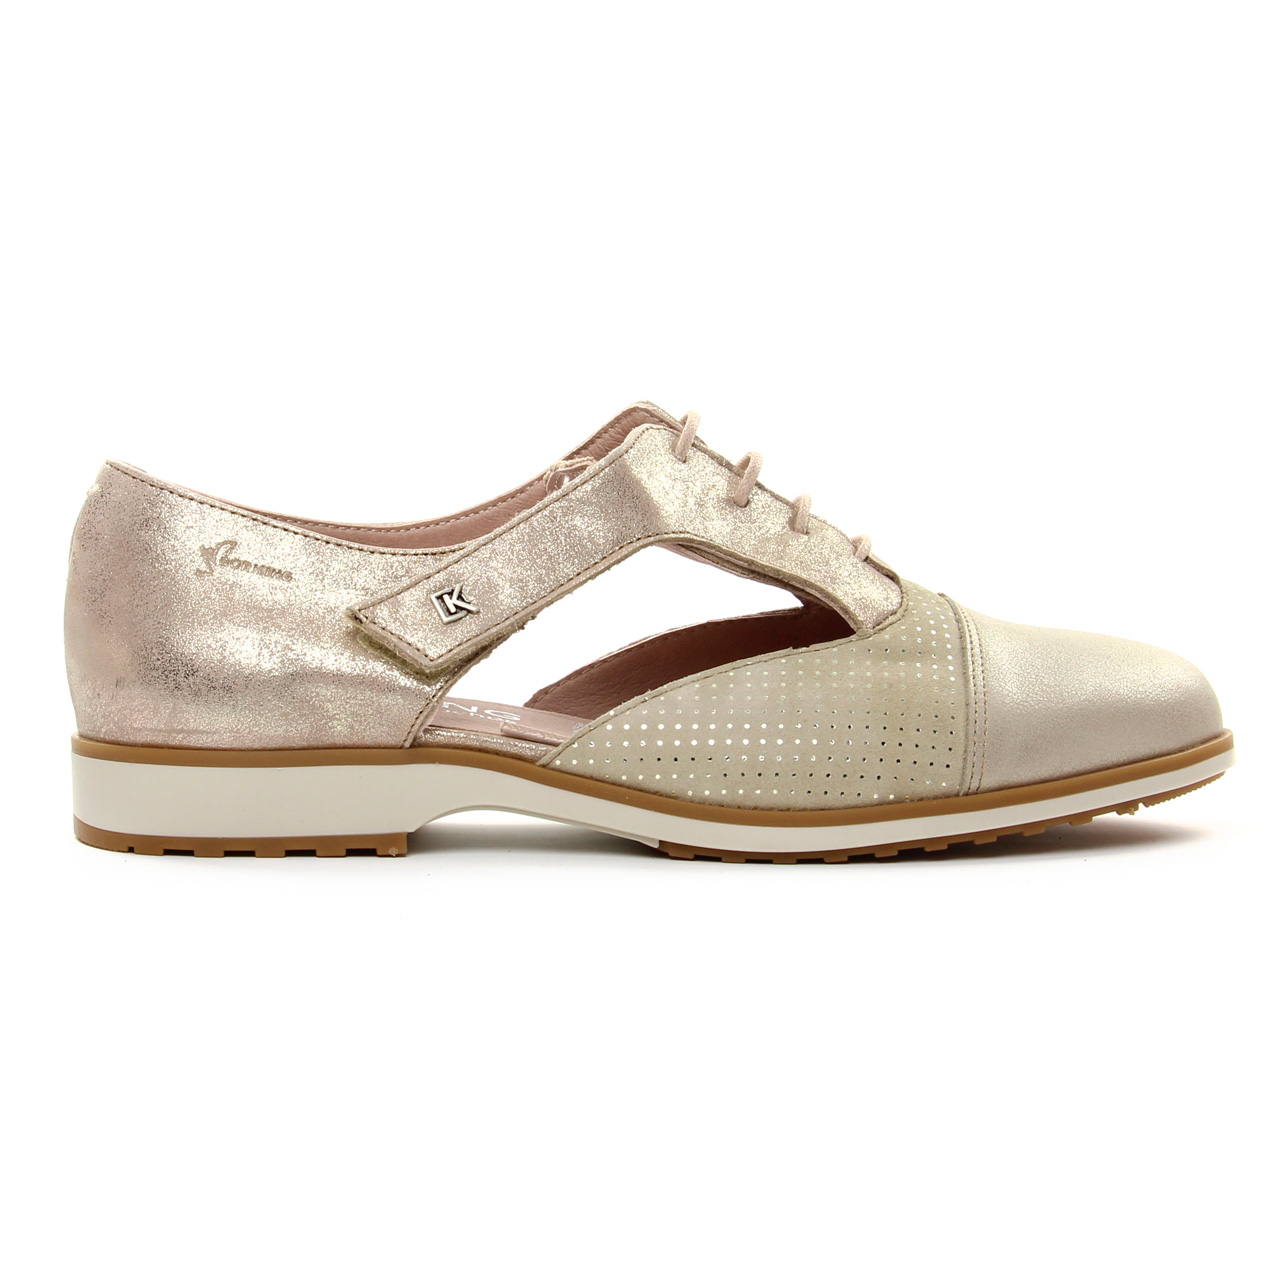 Dorking Chaussures LOU Dorking soldes lD9KJELTT